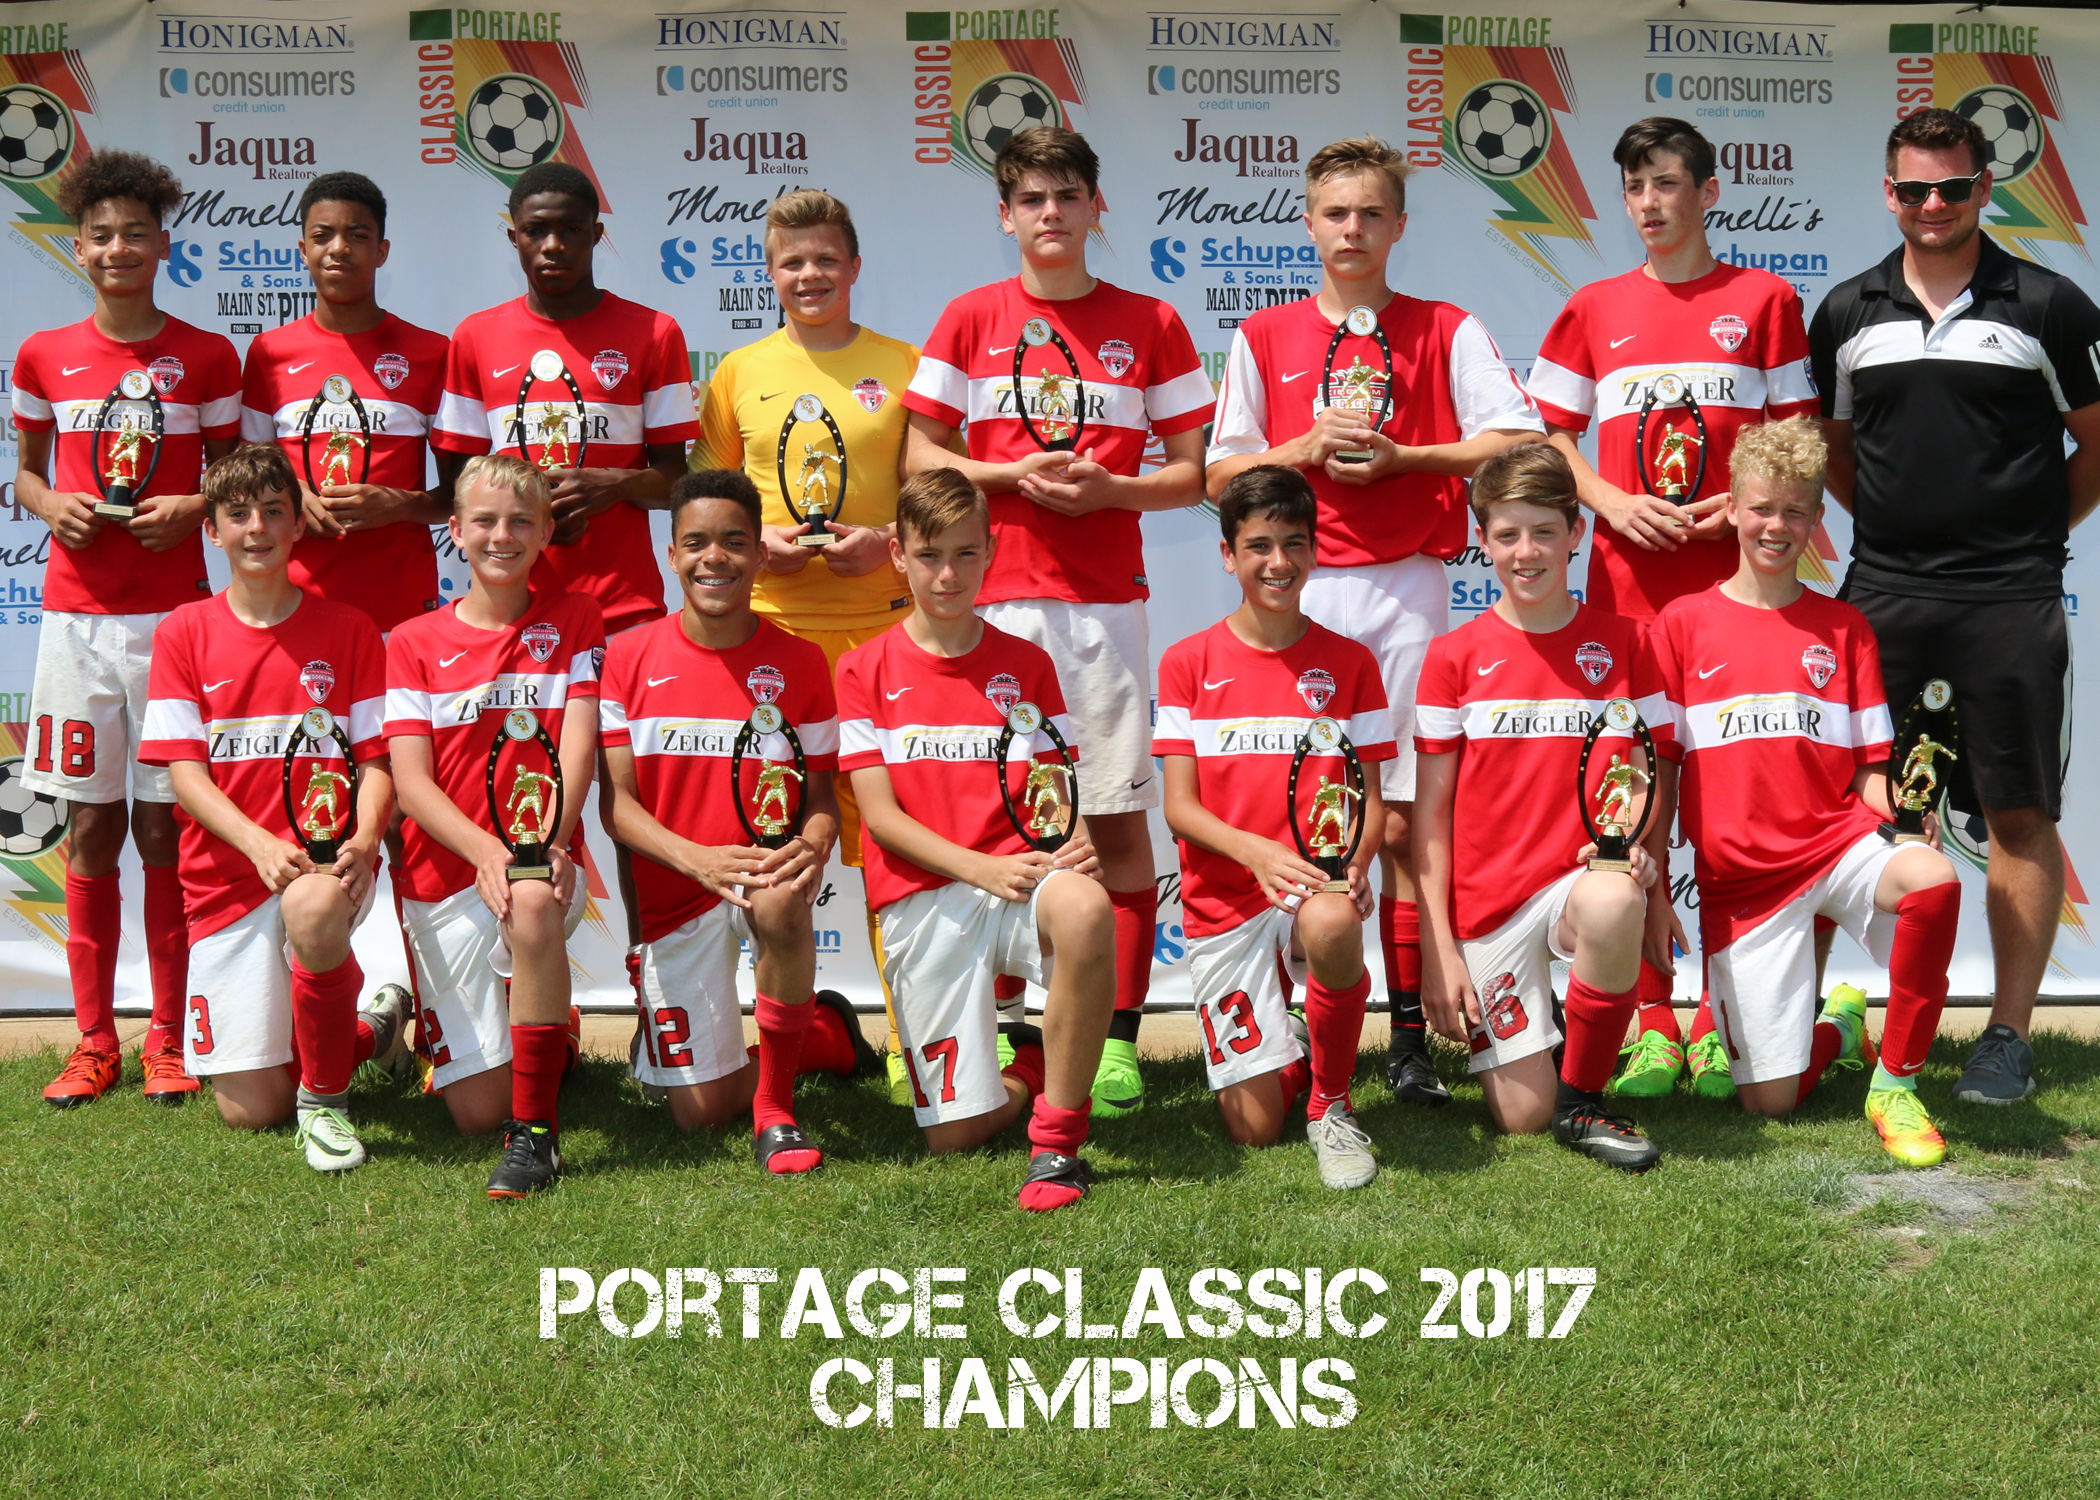 Boys U14 Gold